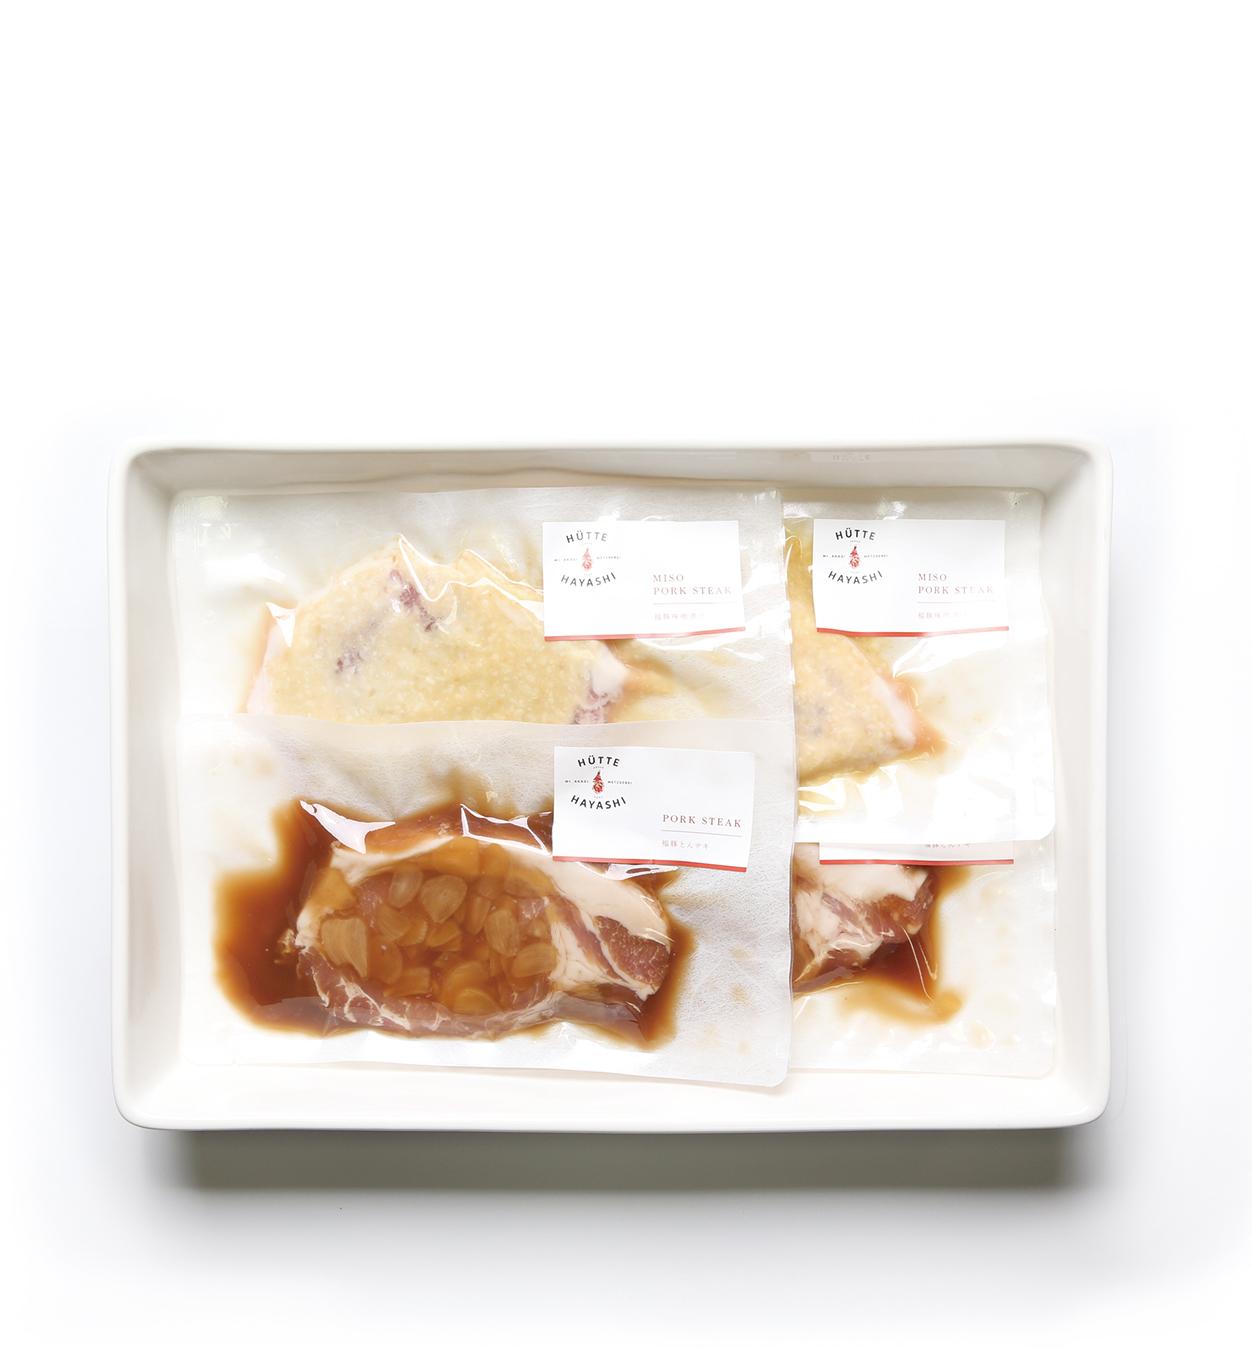 福豚とんてき・味噌漬けギフト